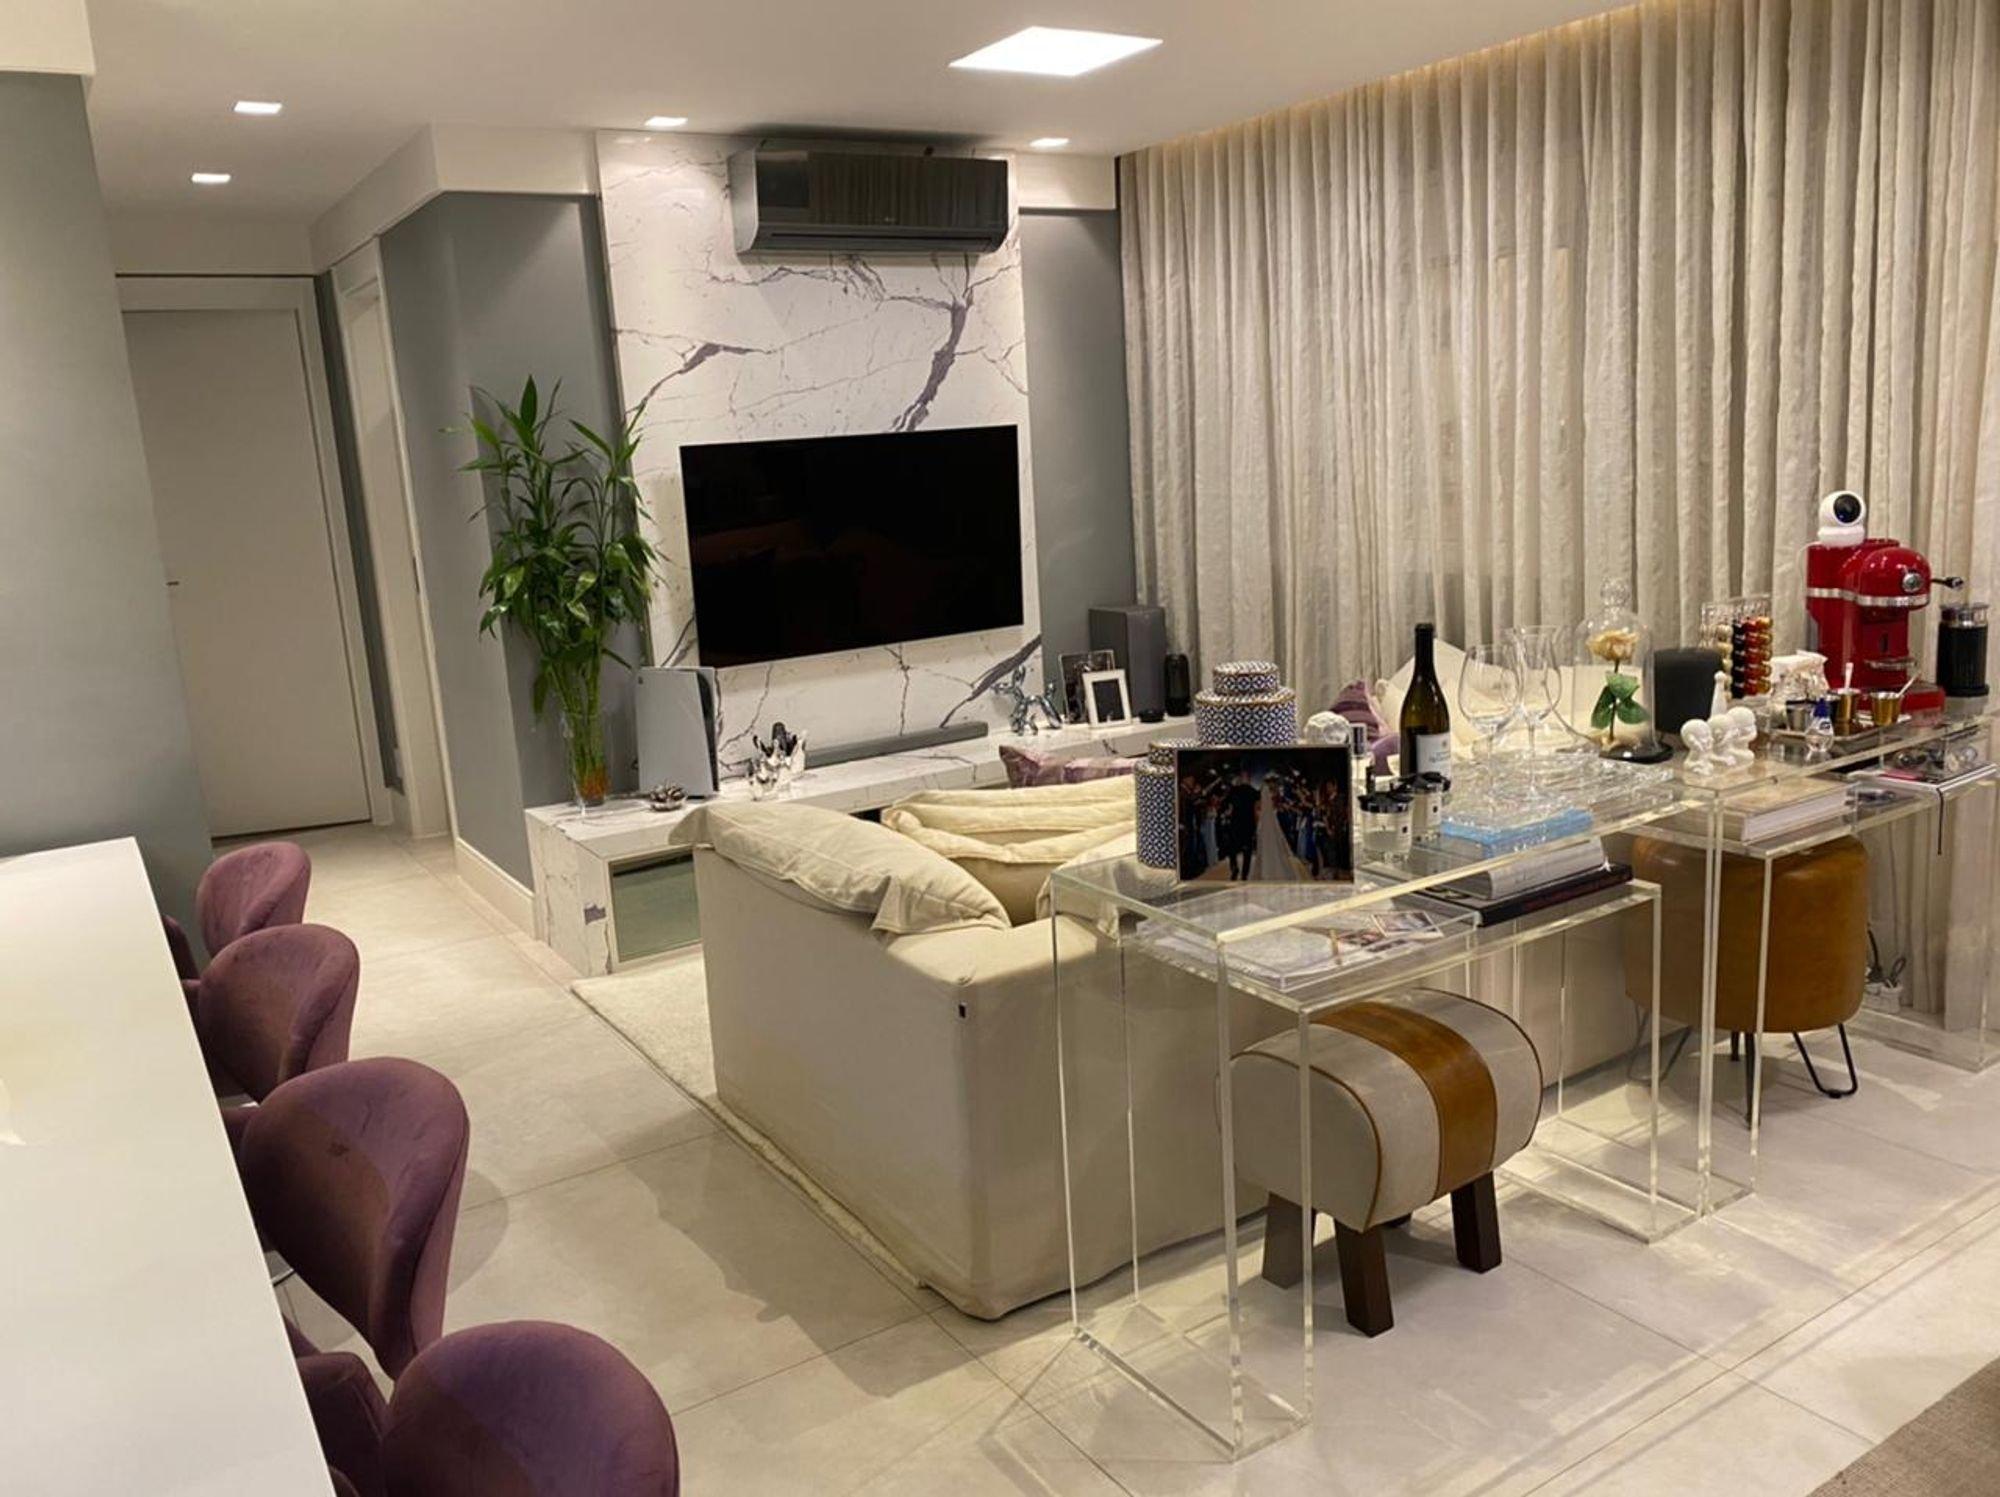 Foto de Cozinha com vaso de planta, copo de vinho, televisão, garrafa, cadeira